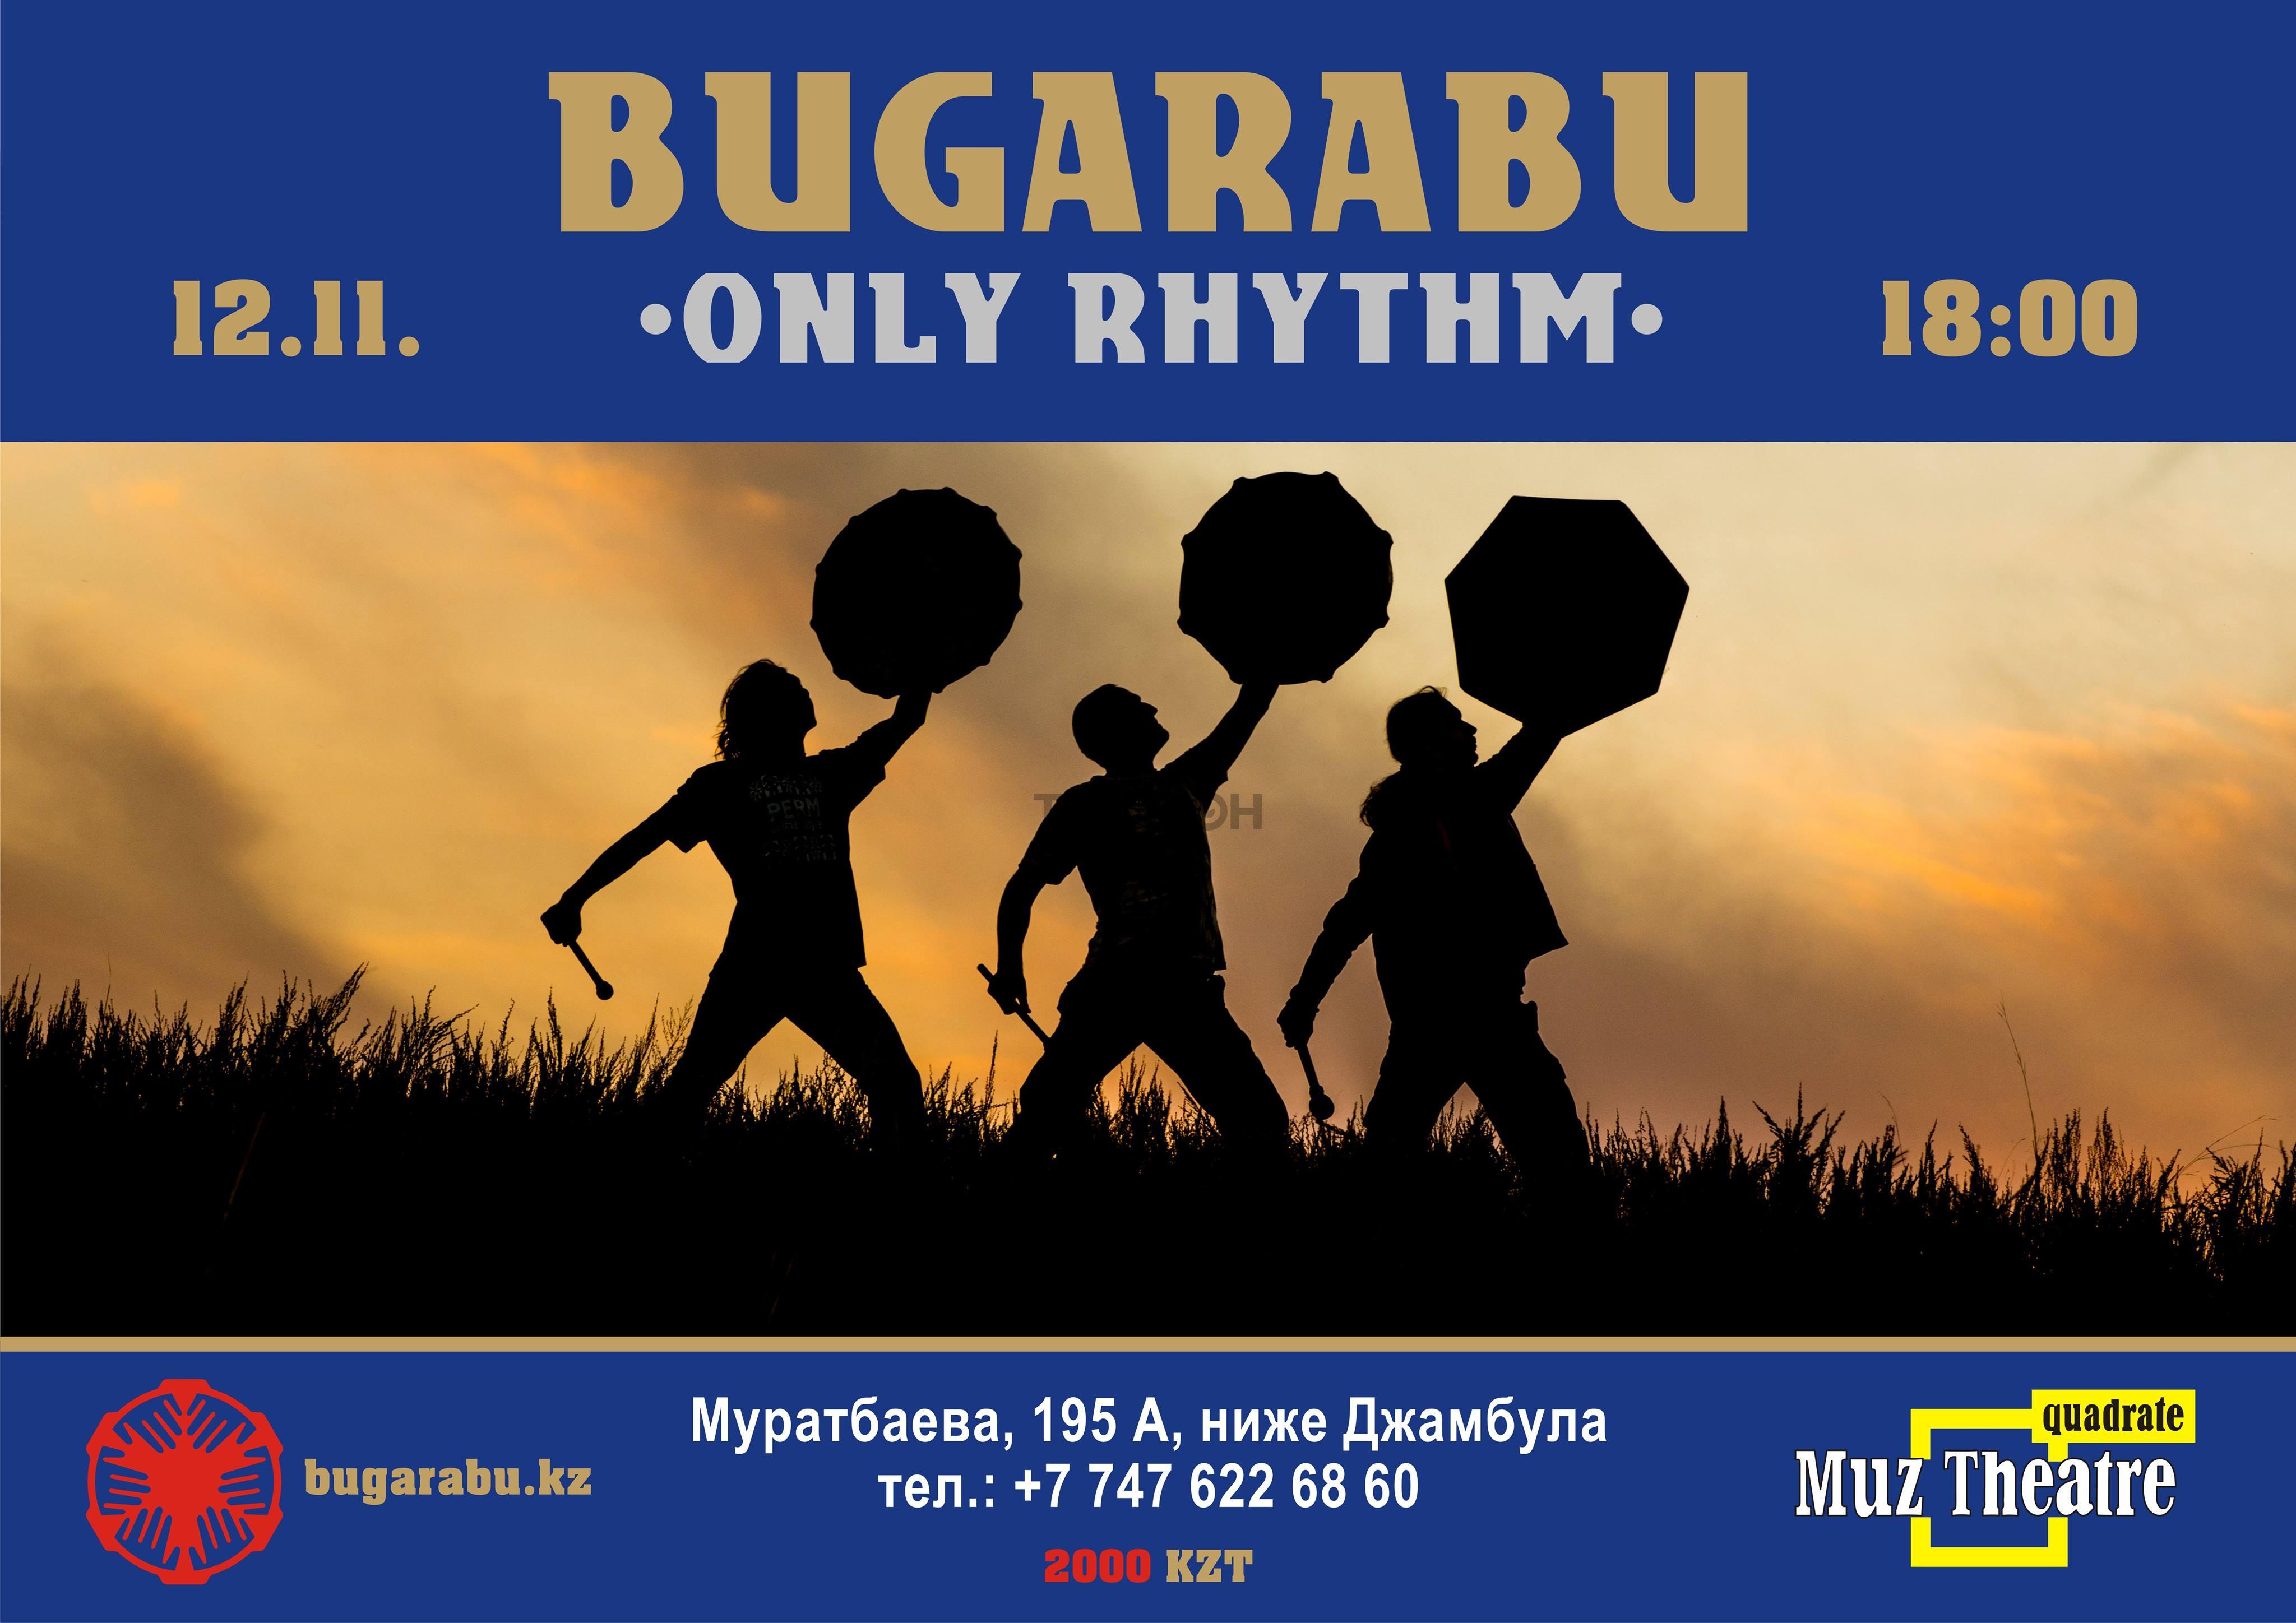 BugaraBu